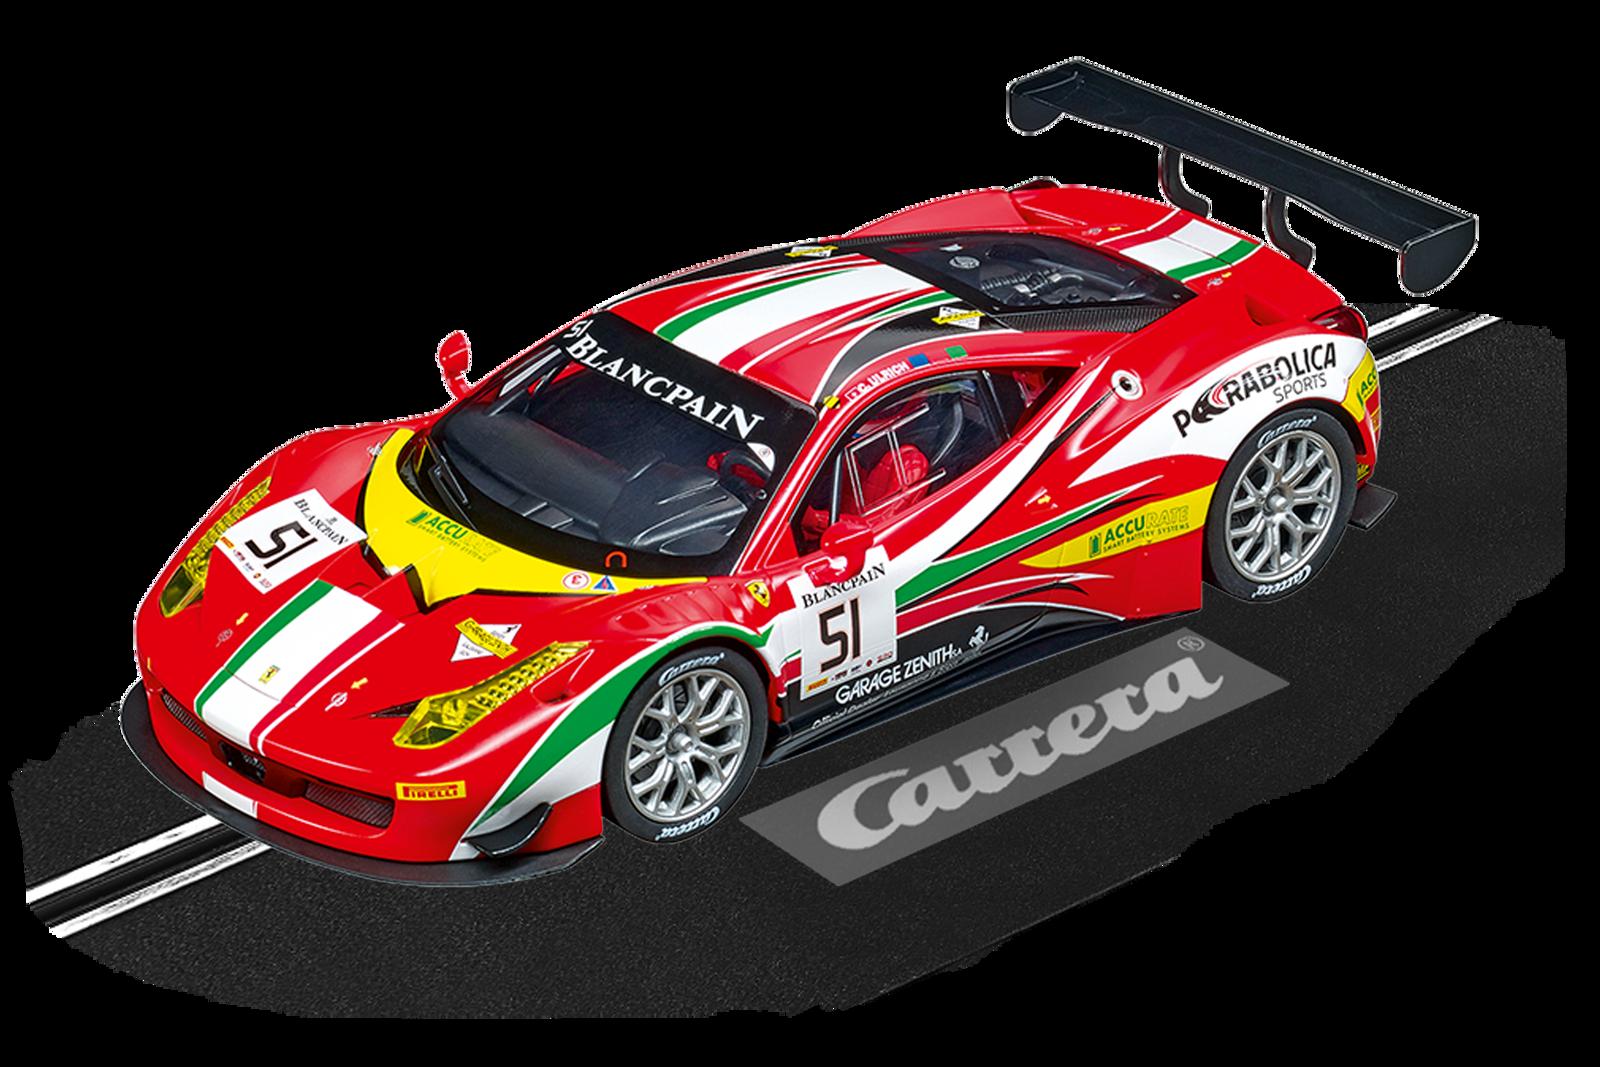 Ferrari 458 Italia Gt3 Af Corse No 51 20023879 Carrera Slotcar Rc